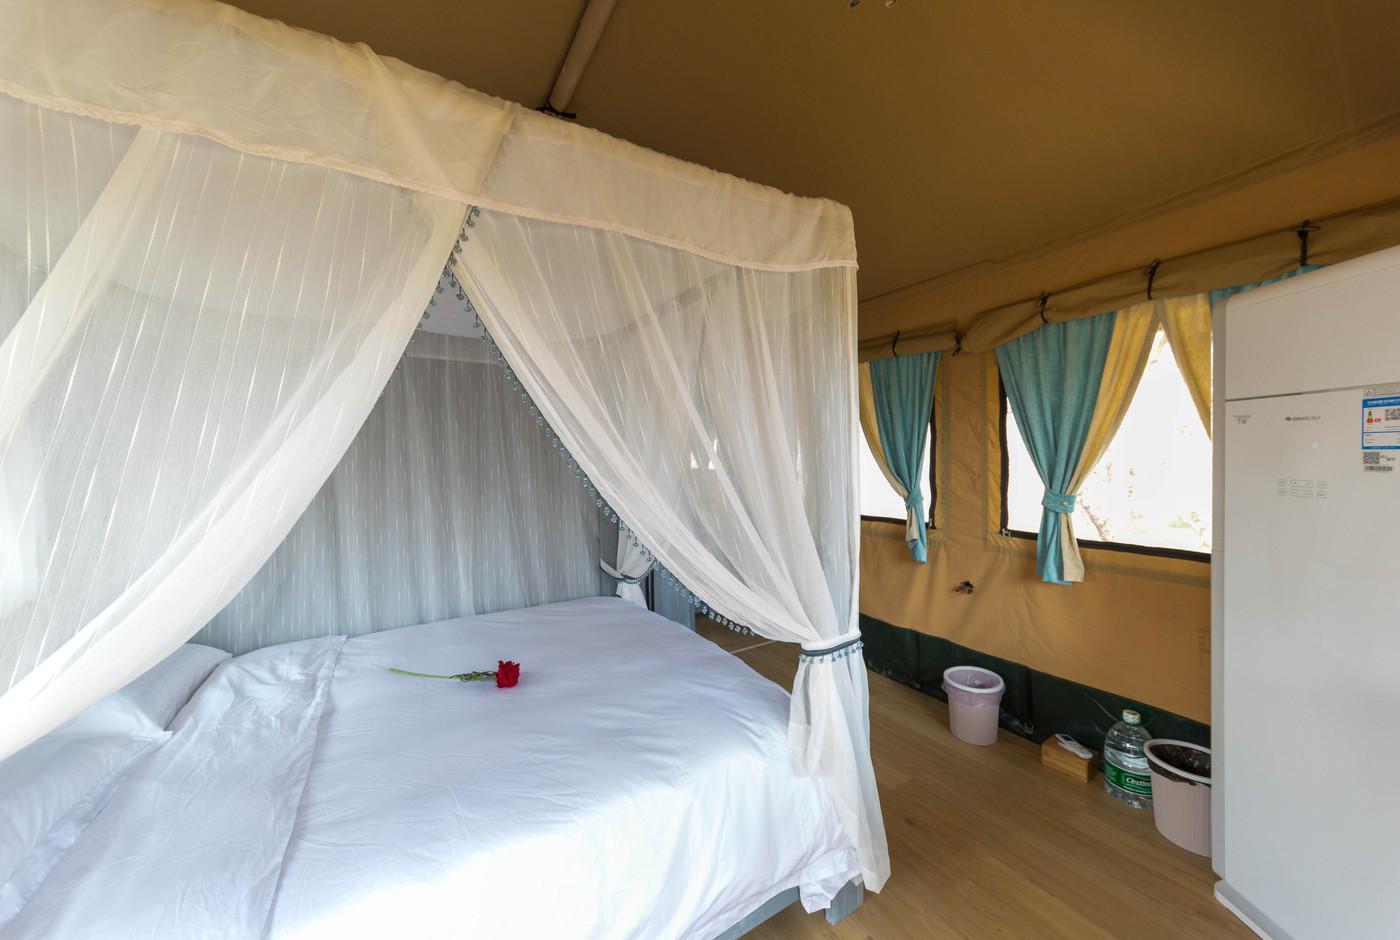 喜马拉雅野奢帐篷酒店—安徽砀山 东篱蓬芦(梨园41平)24